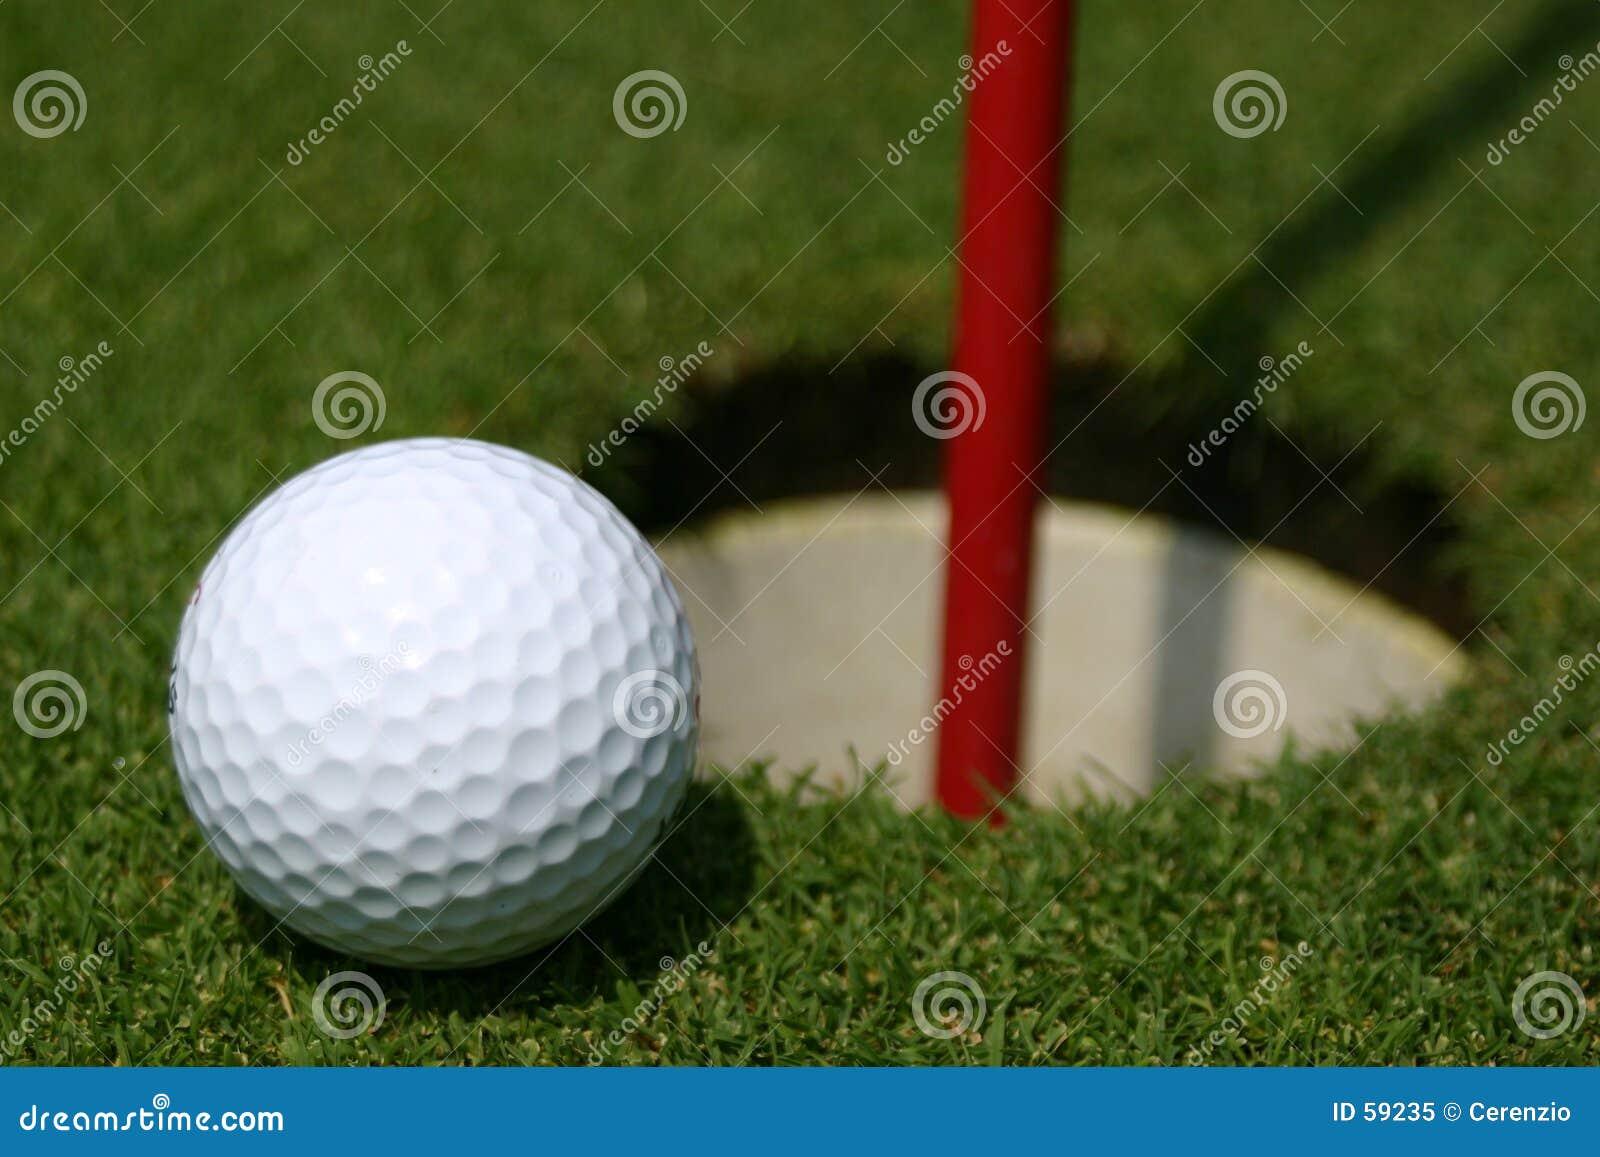 Pelota de golf en el agujero de la práctica